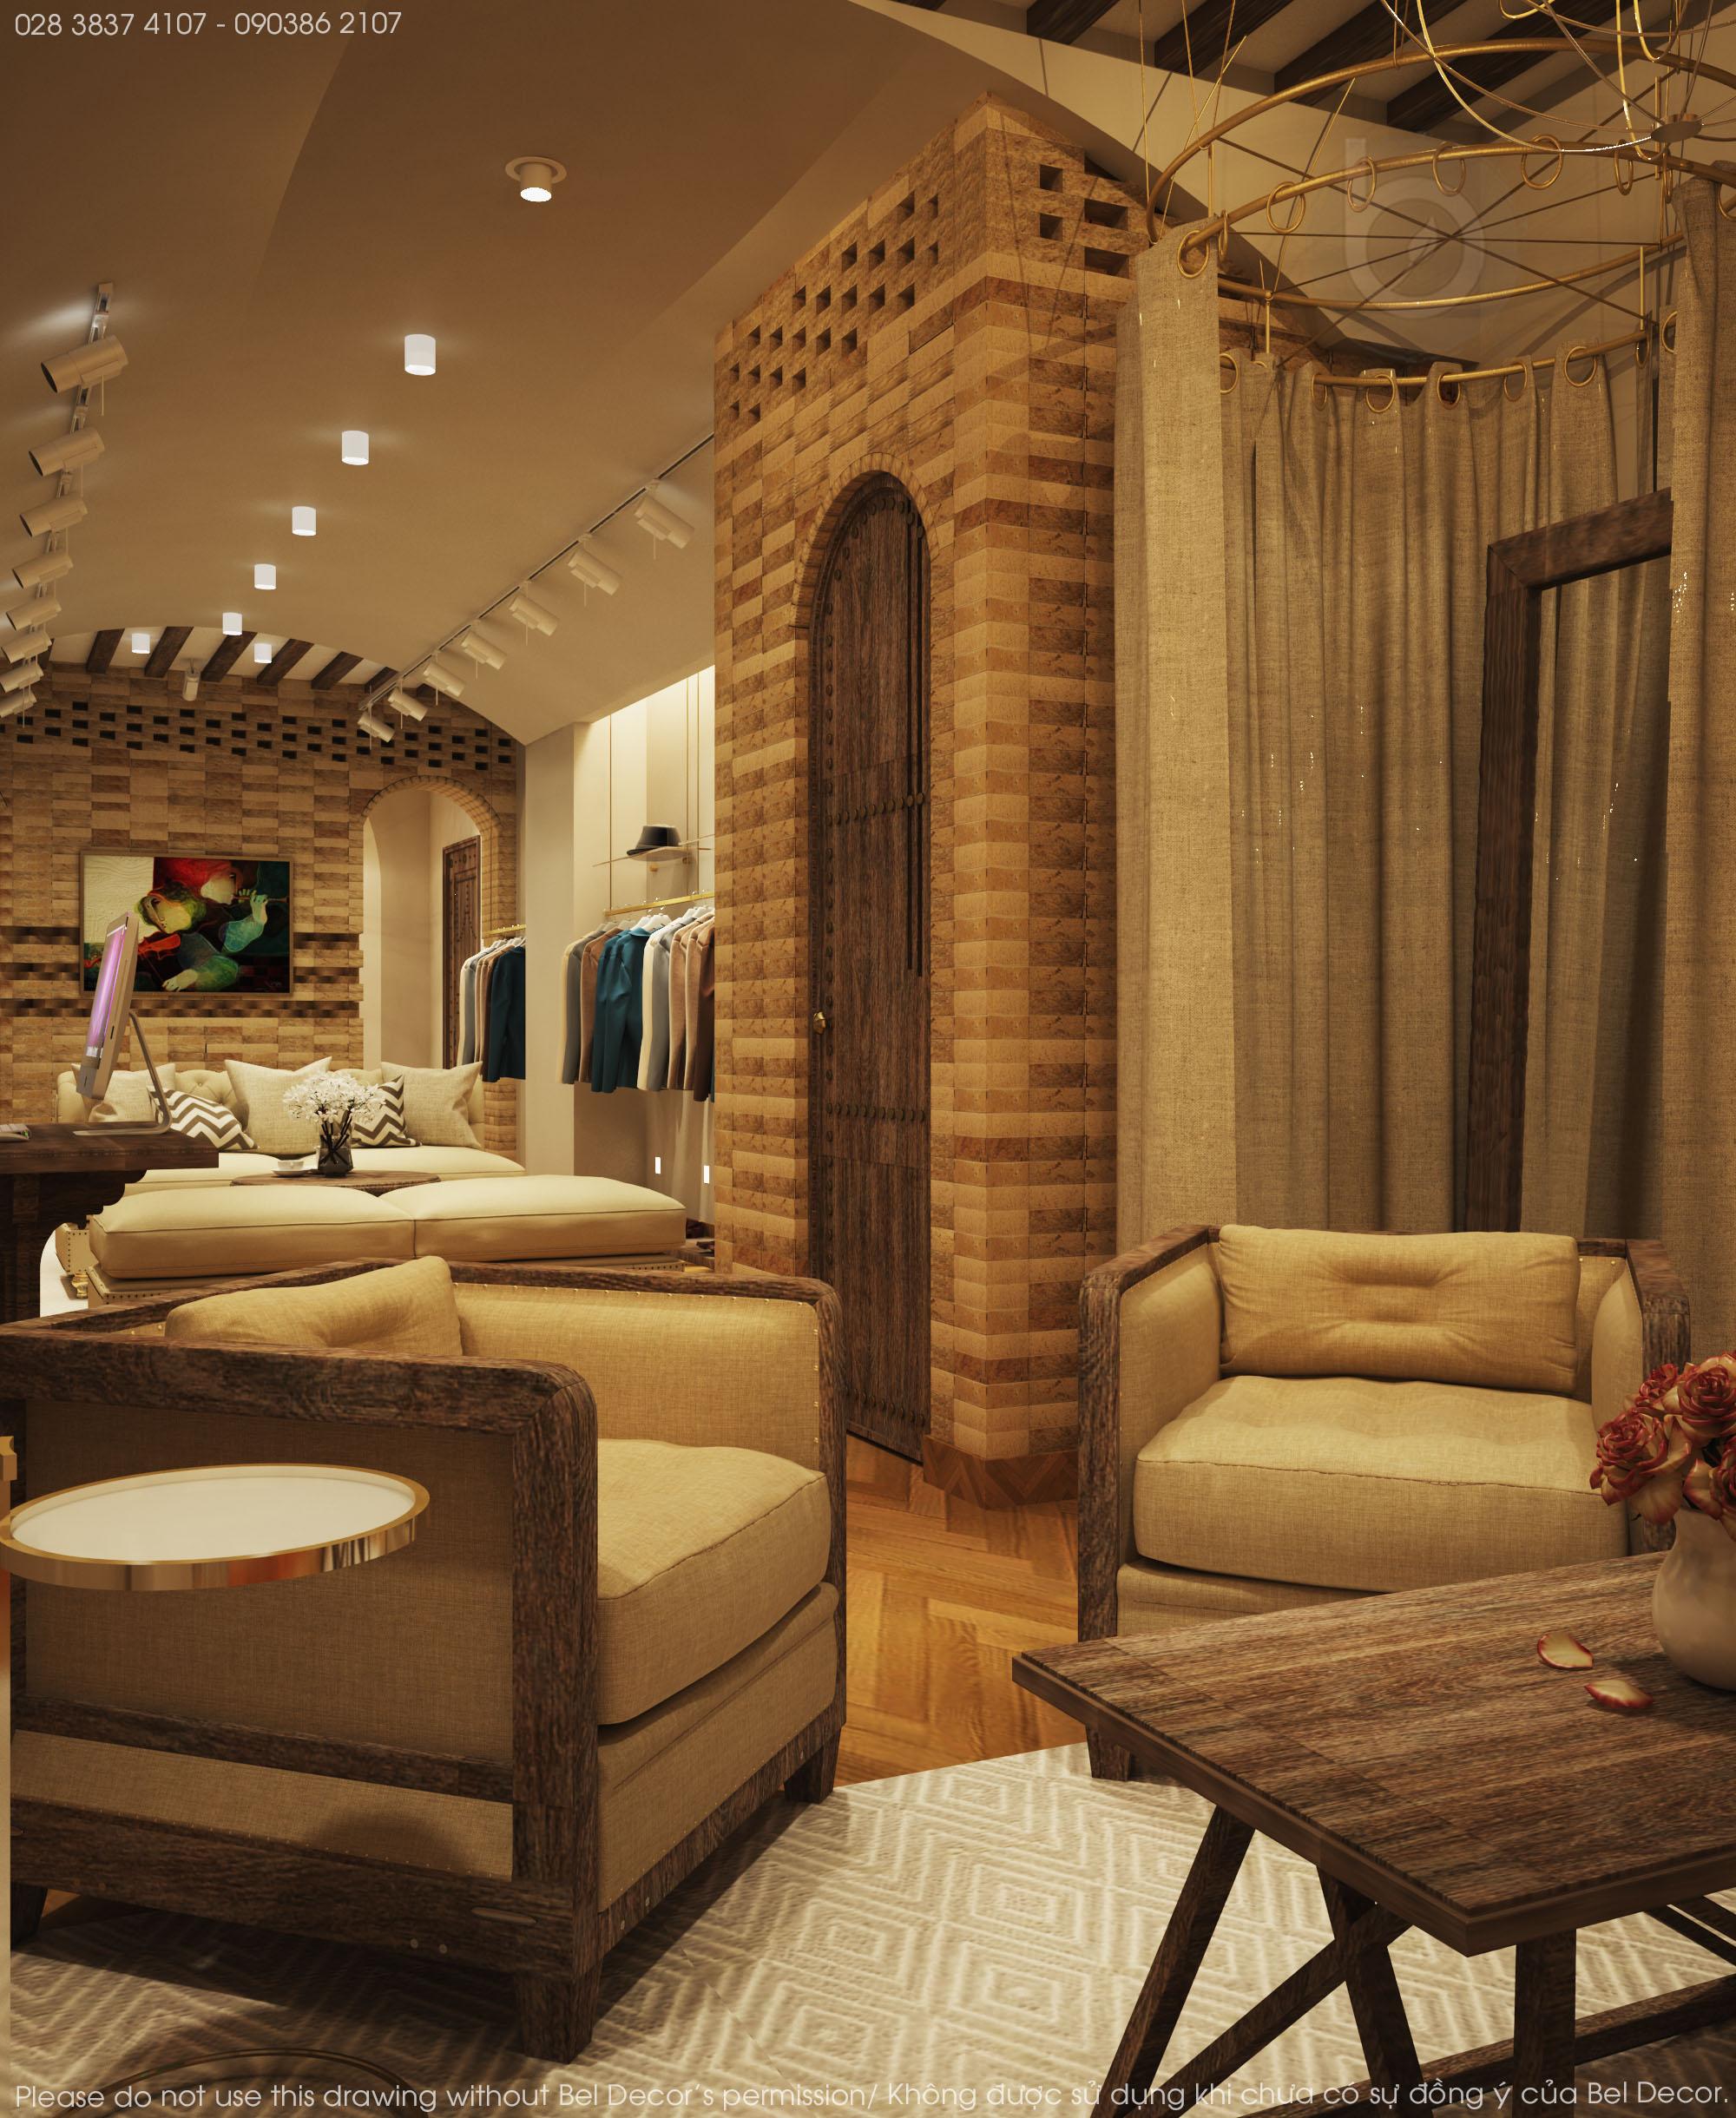 thiết kế nội thất Shop tại Hồ Chí Minh Thiết kế nội - ngoại thất Fashion Shop Antonio 5 1537428723